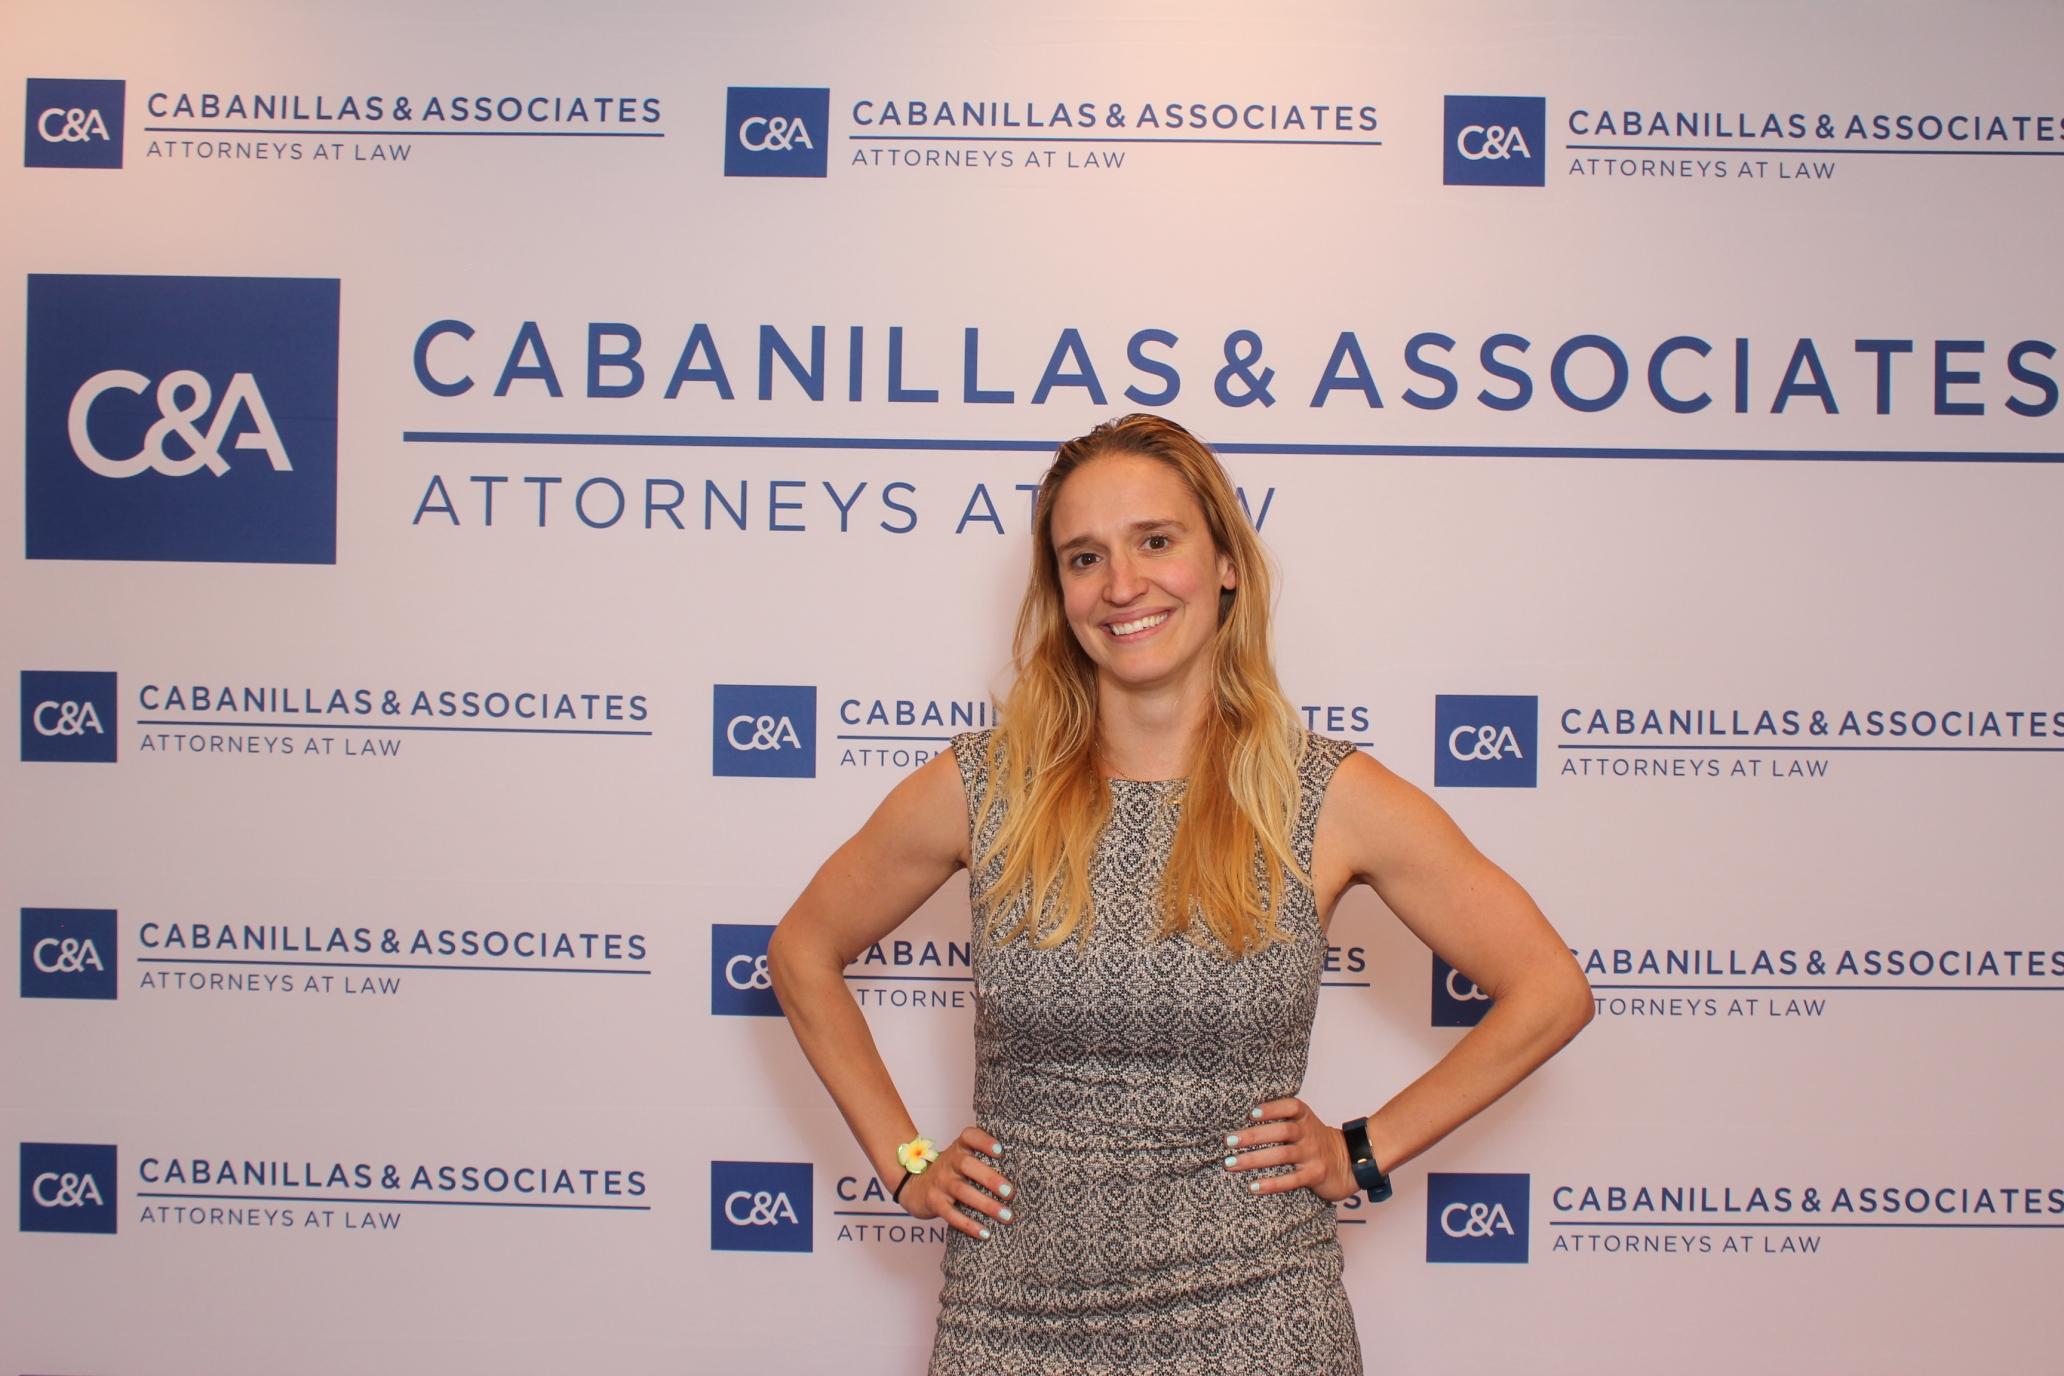 Cabanillas2018_2018-06-14_19-14-43.jpg